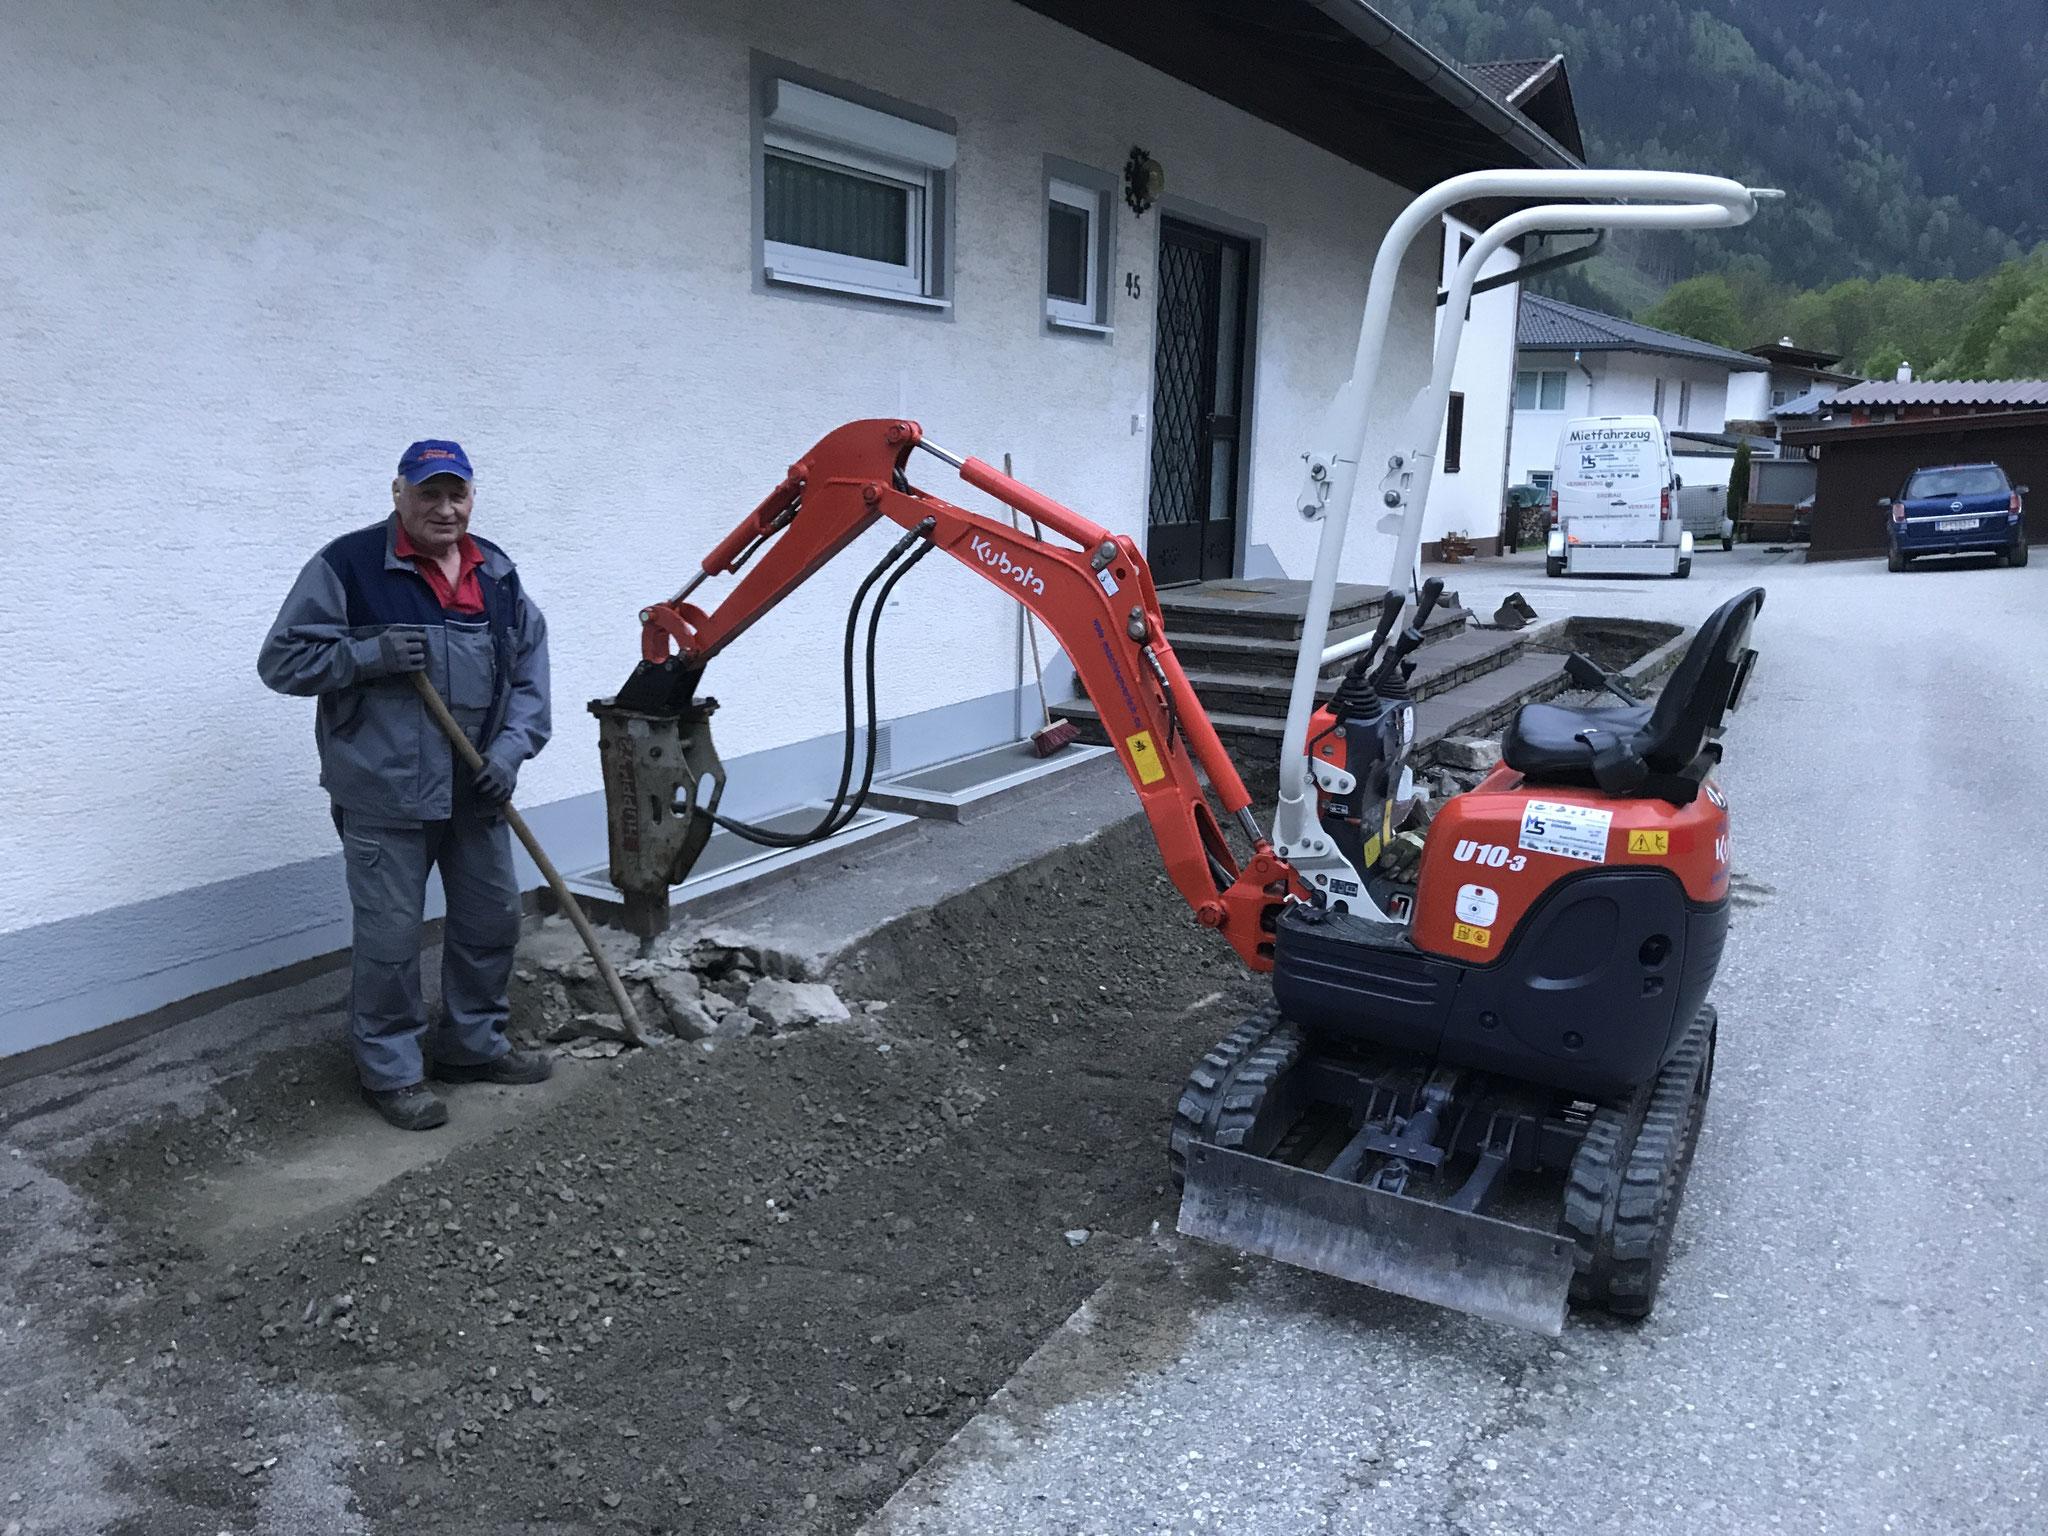 Vorsichtiger Abriss von Altbestand rund um das fertige Wohnhaus.